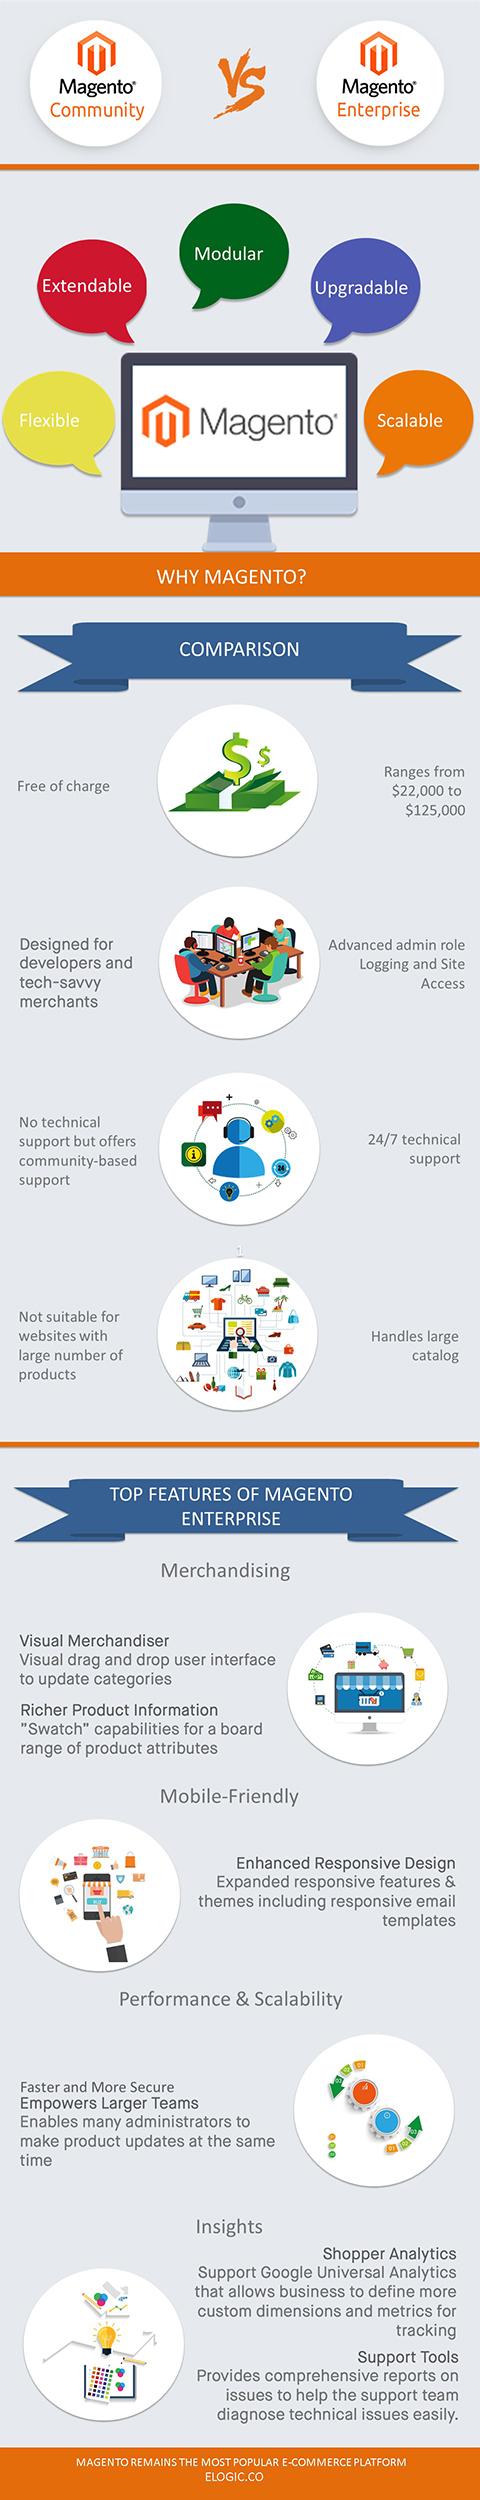 Magento Community vs Enterprise Edition Comparison